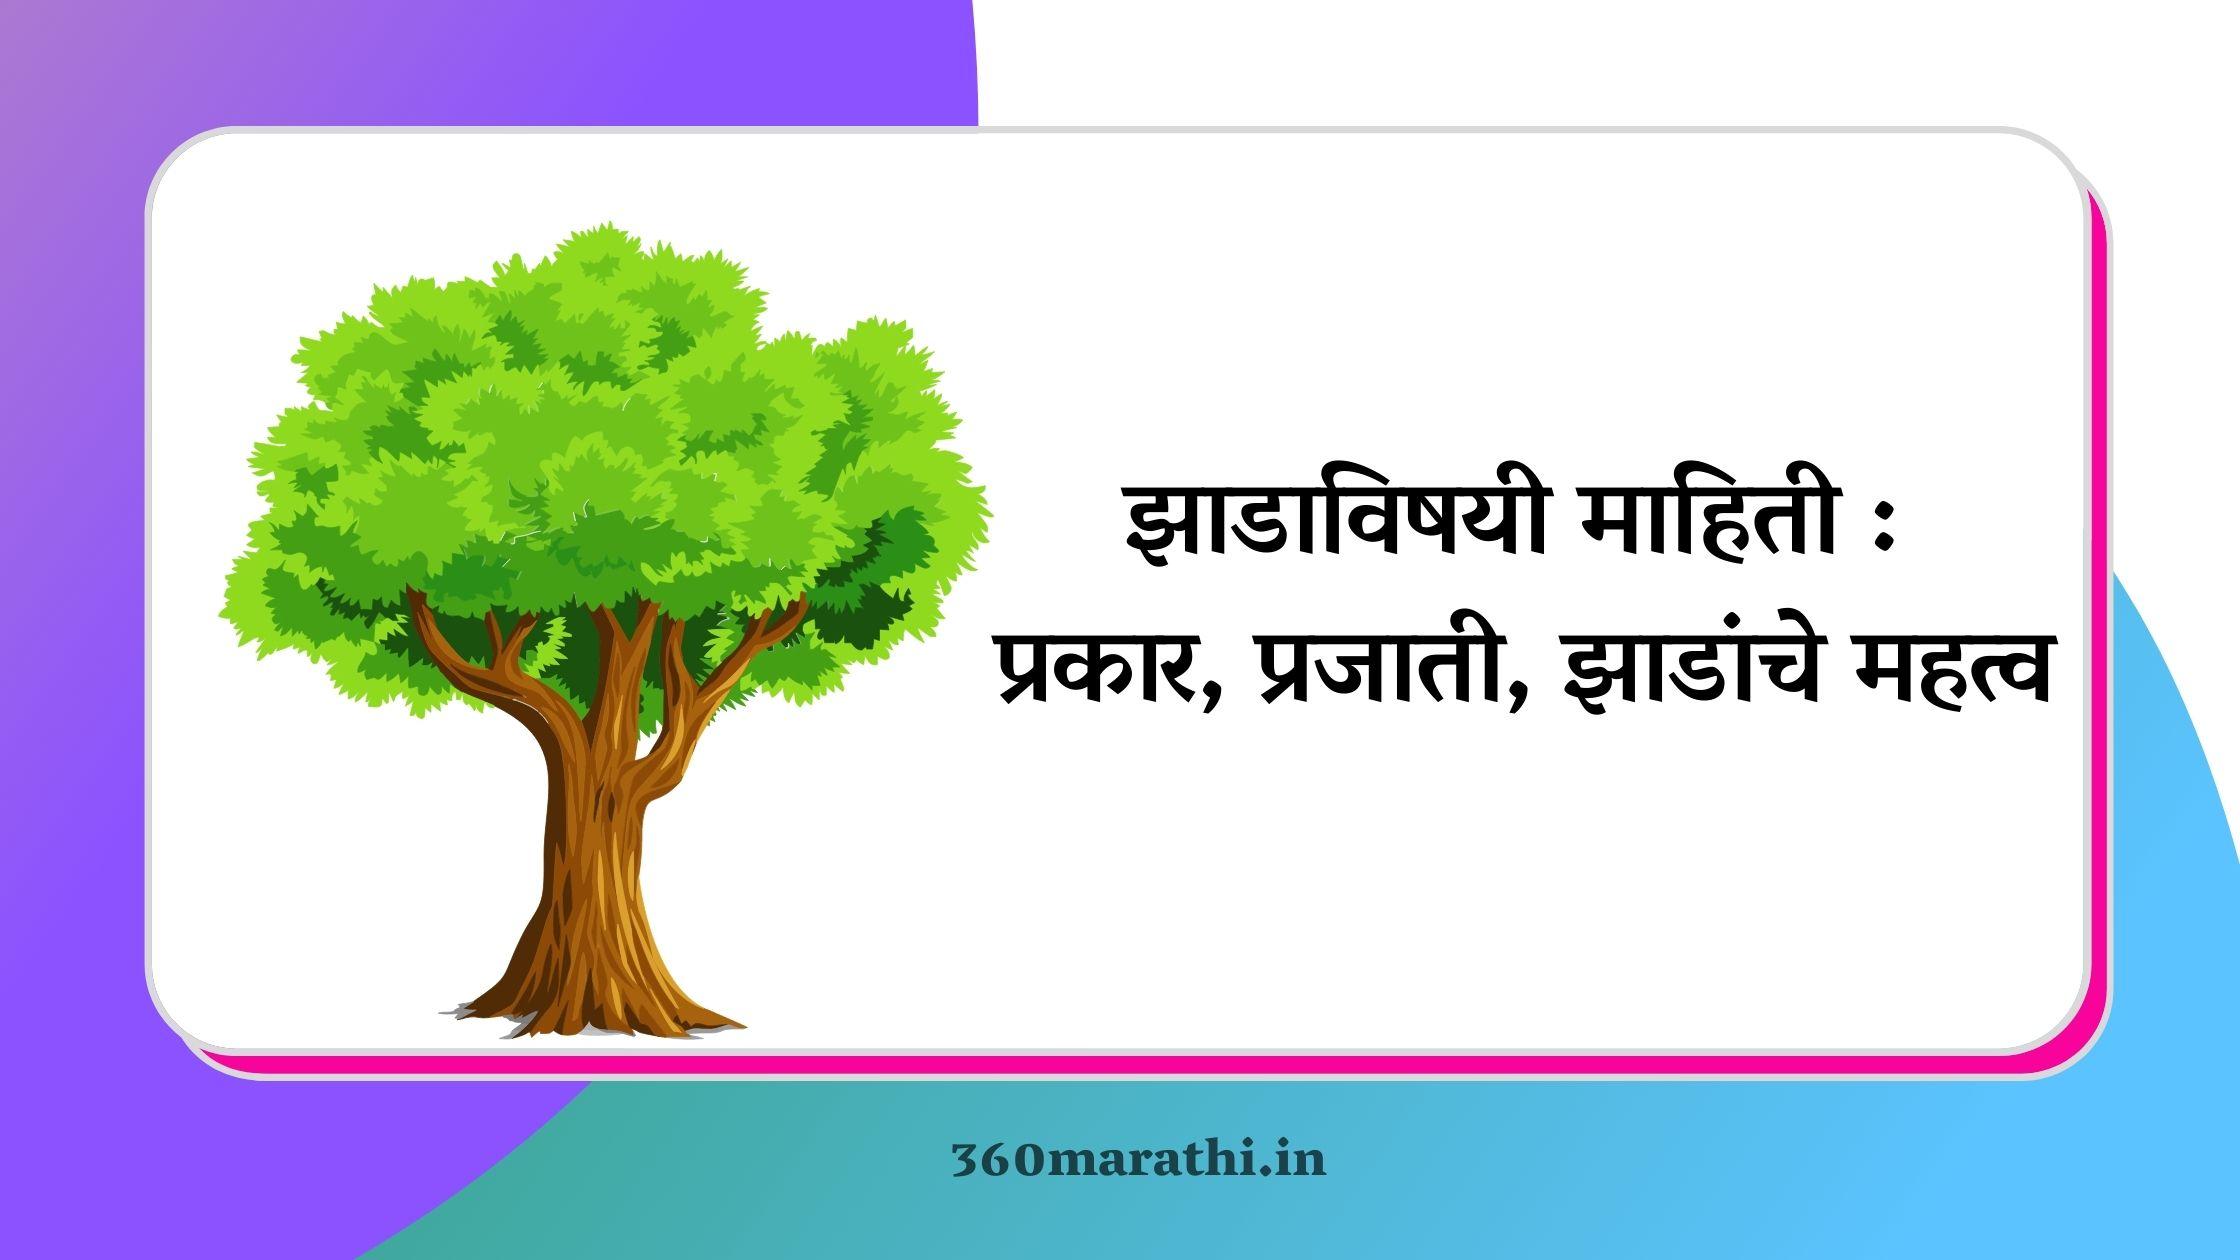 झाडाविषयी माहिती : प्रकार, झाडांचे महत्व | Tree Information In Marathi